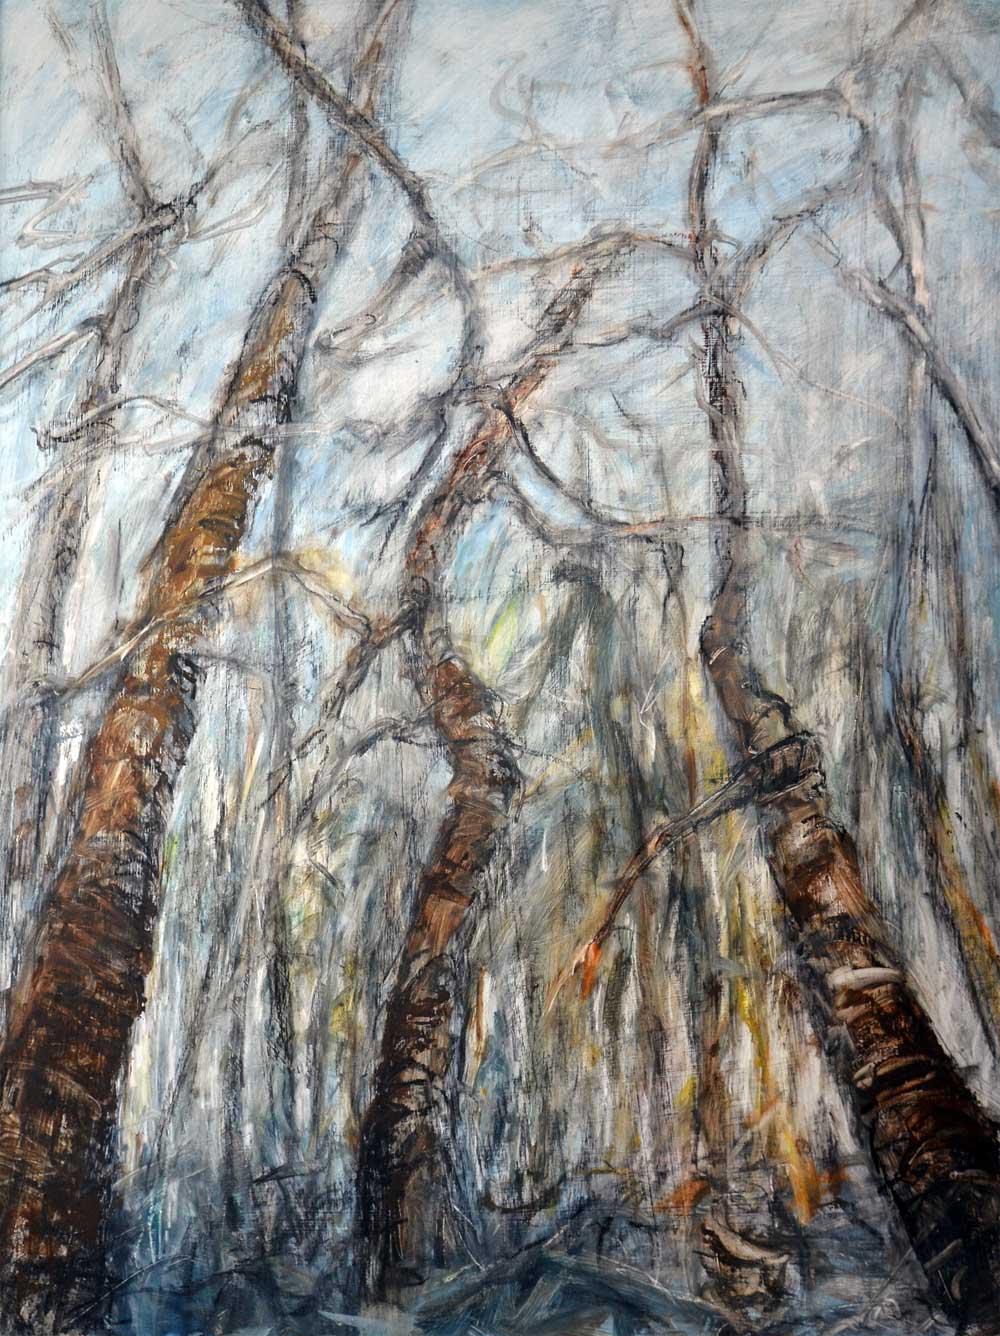 Joanne-Fogle.Woods-in-Winter.mixed-media-on-panel.jpg